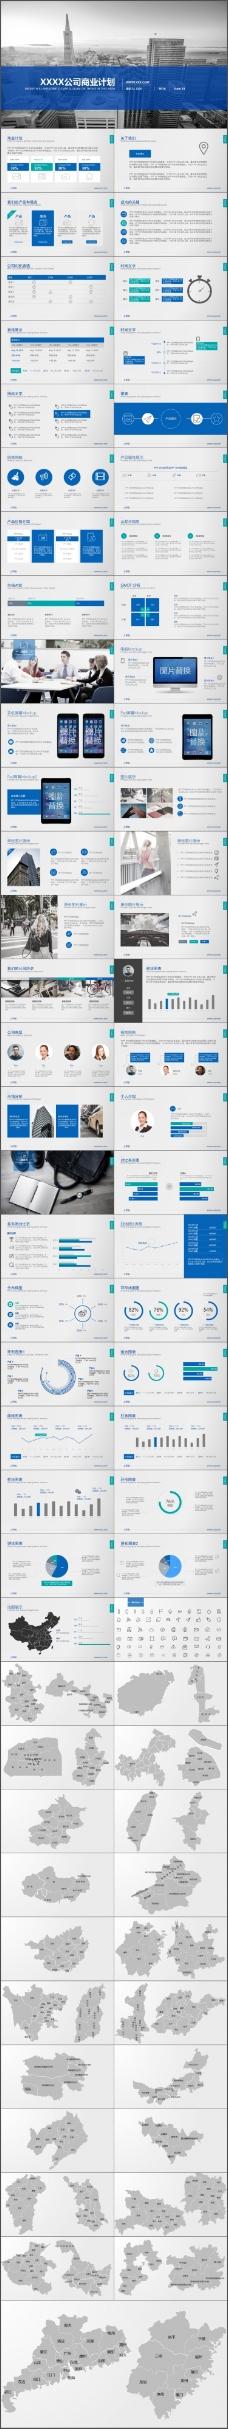 【免费】蓝色商业大气汇报团队介绍咨询商务欧美广告信息PPT模板(缩减版)